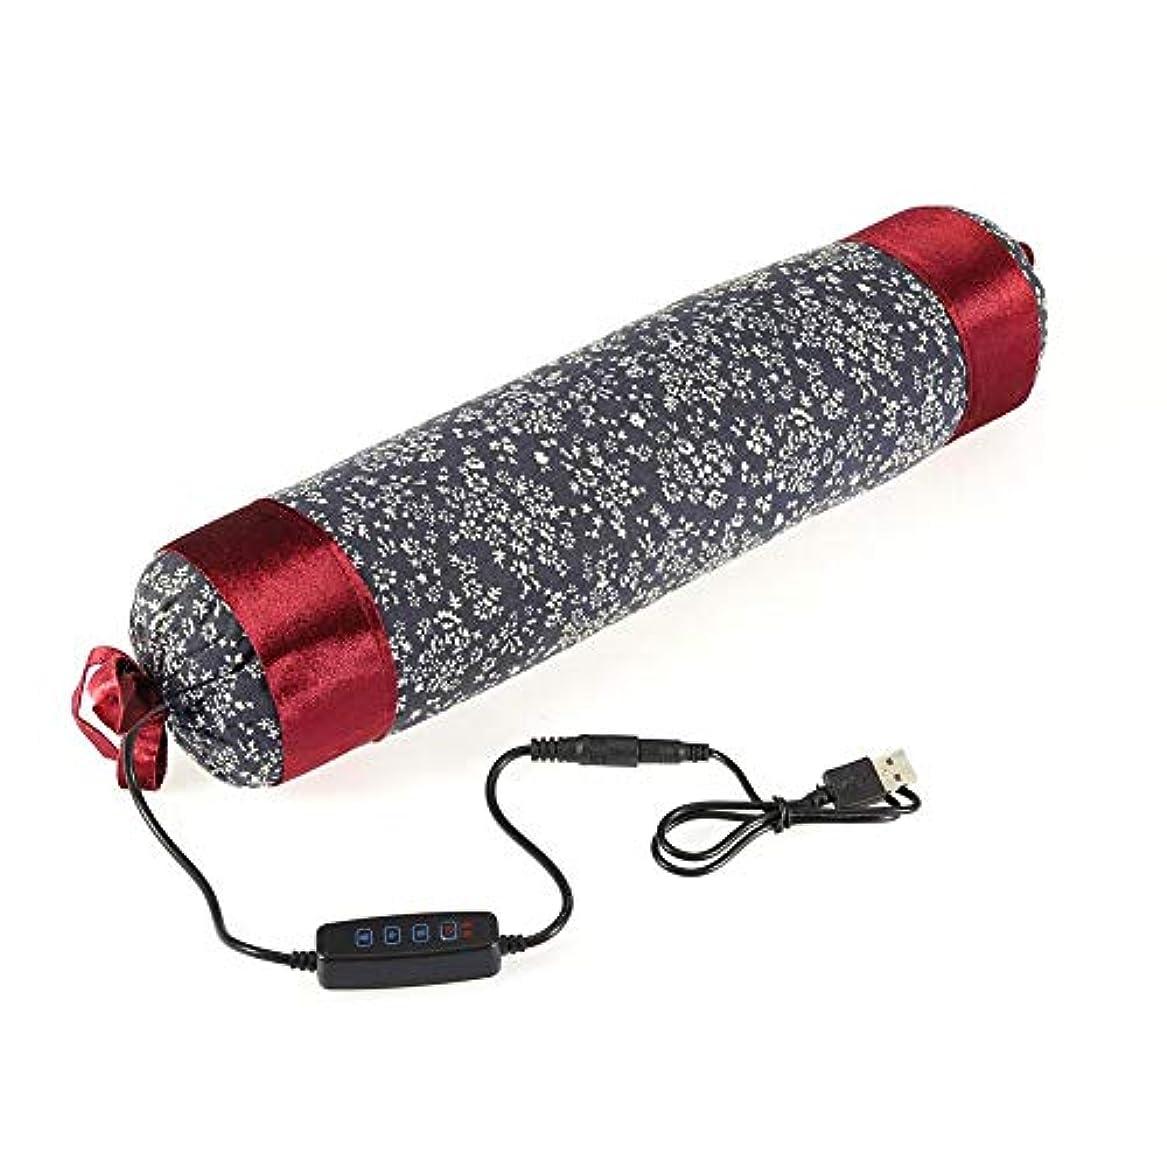 スポーツの試合を担当している人命令報いる首頸部電気枕加熱家庭用肩マッサージ痛み疲労のための枕加熱灸